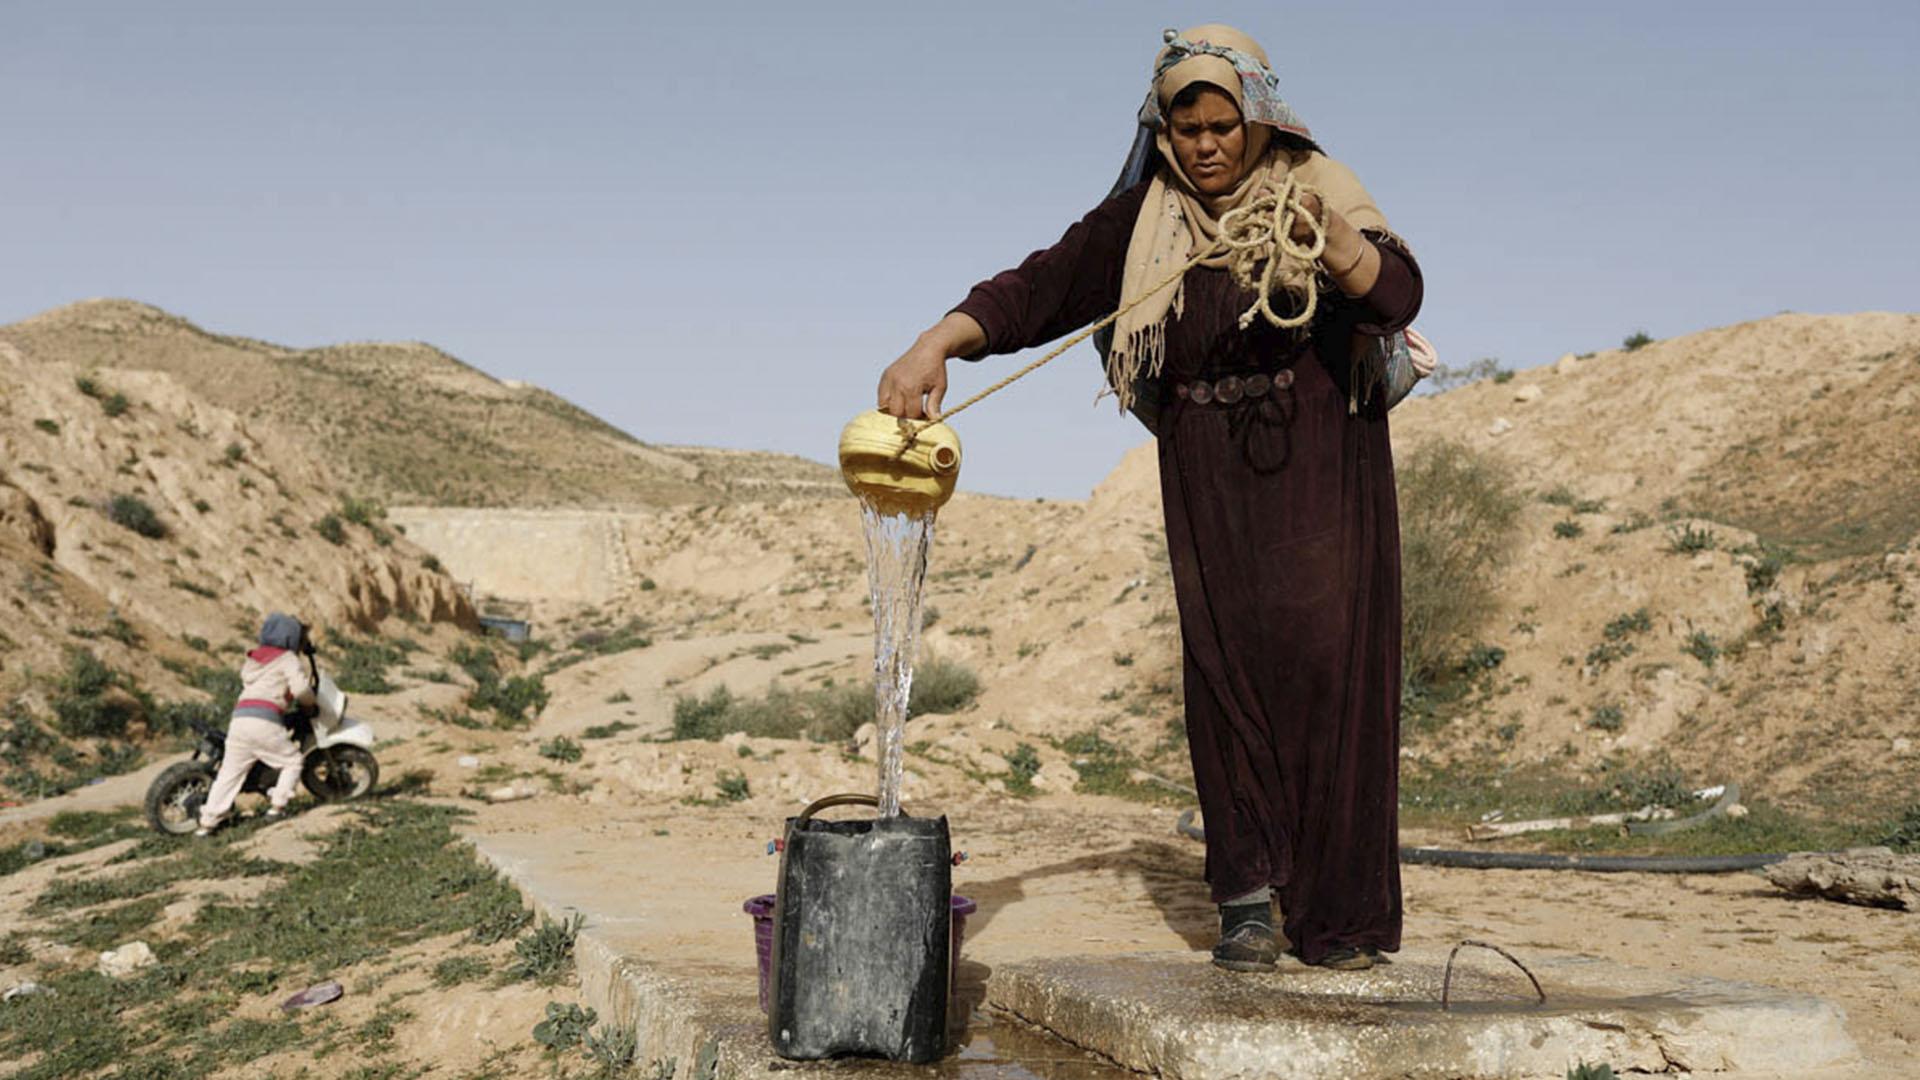 Recolectando agua desde un tanque, también enterrado